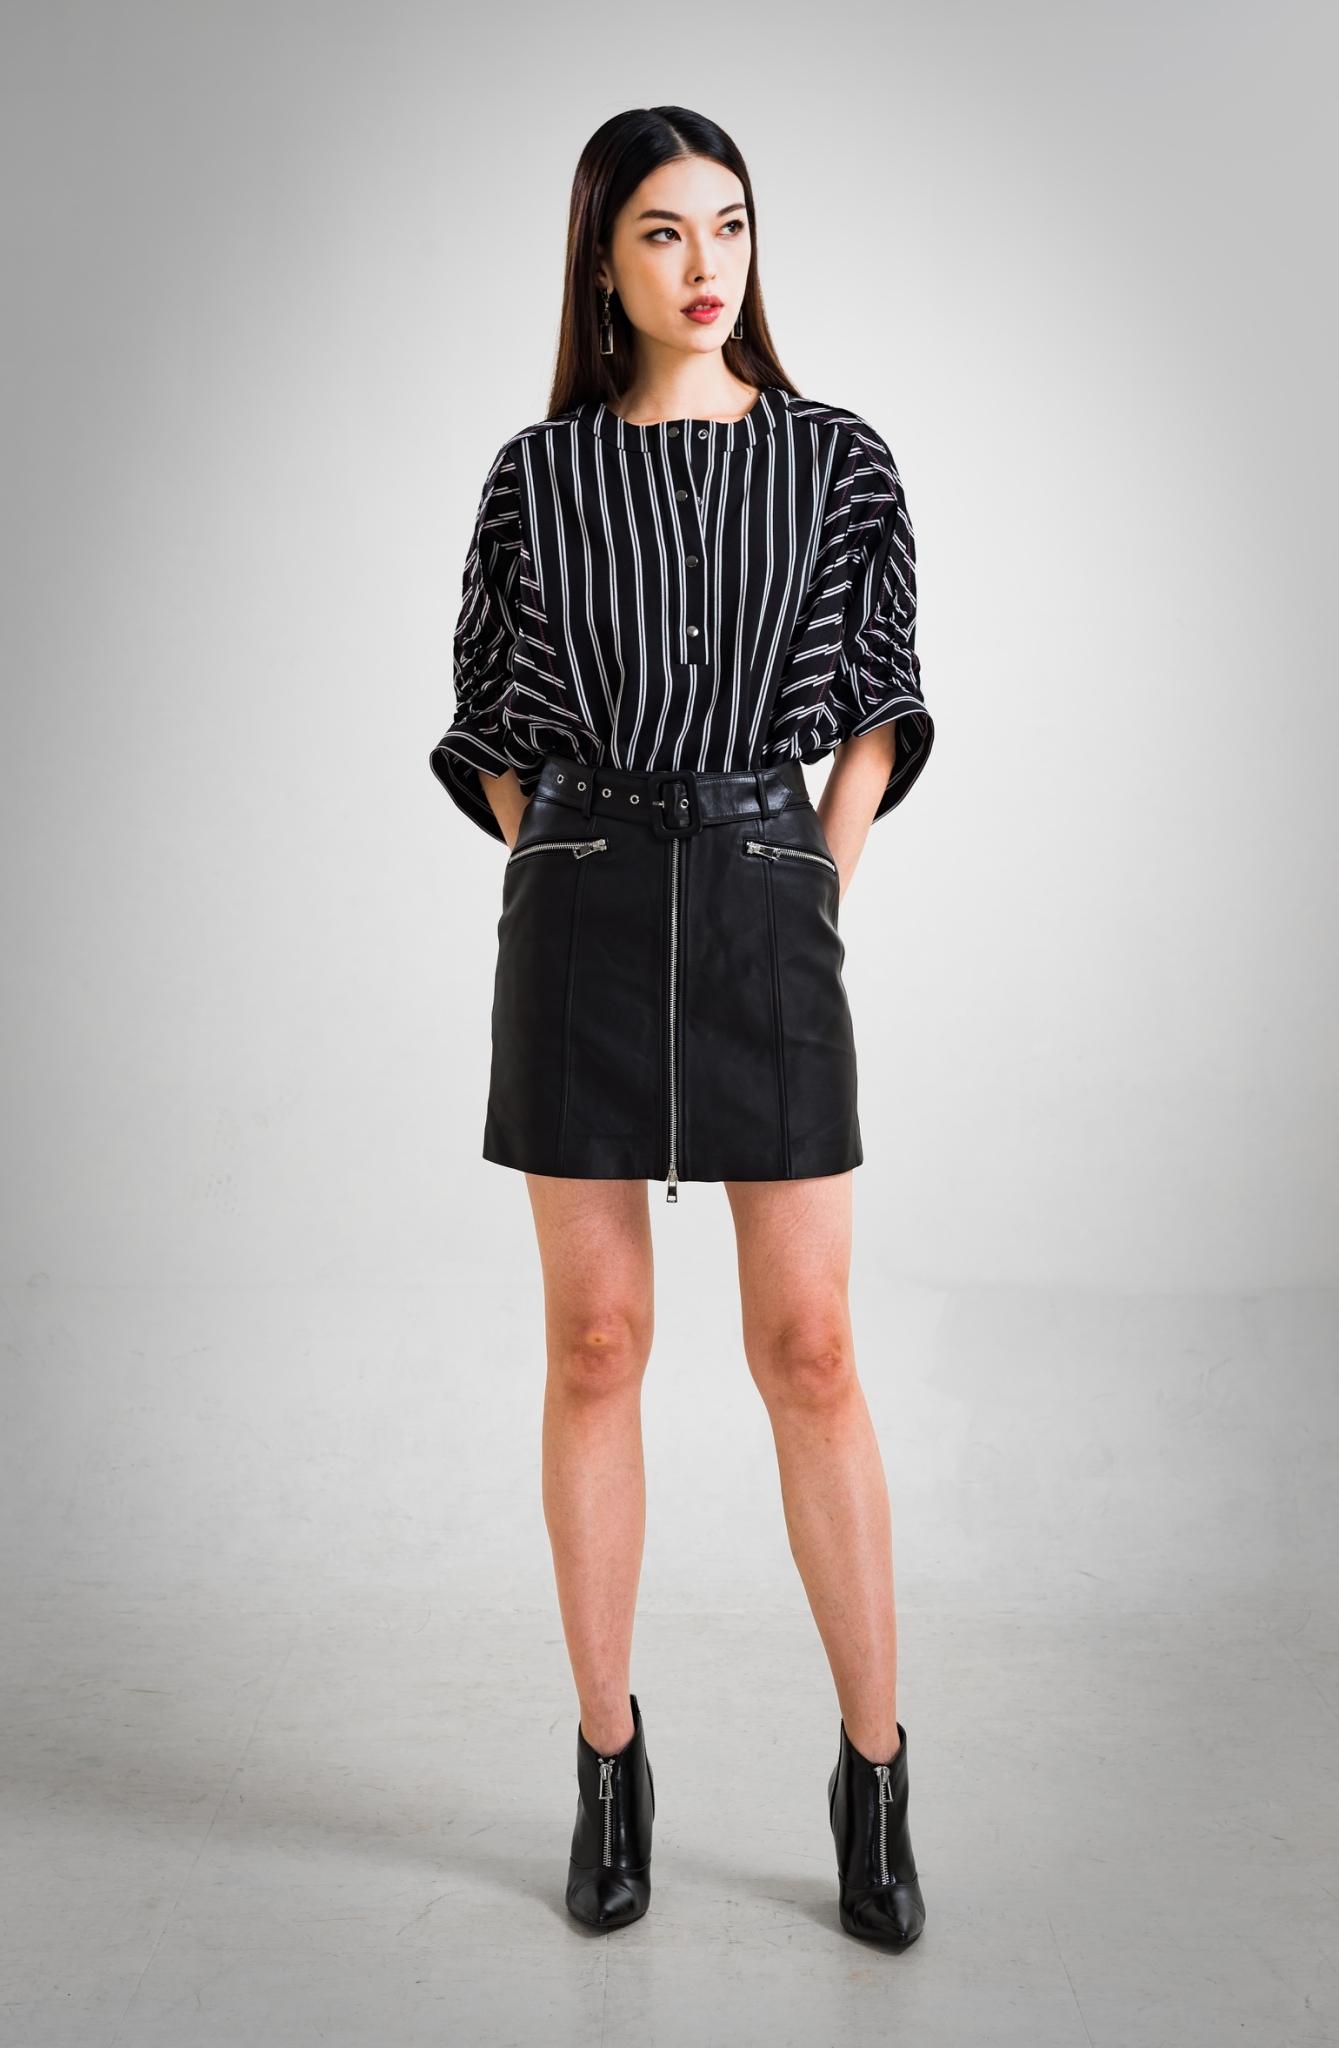 休閒條紋上衣 / 拉鏈真皮短裙